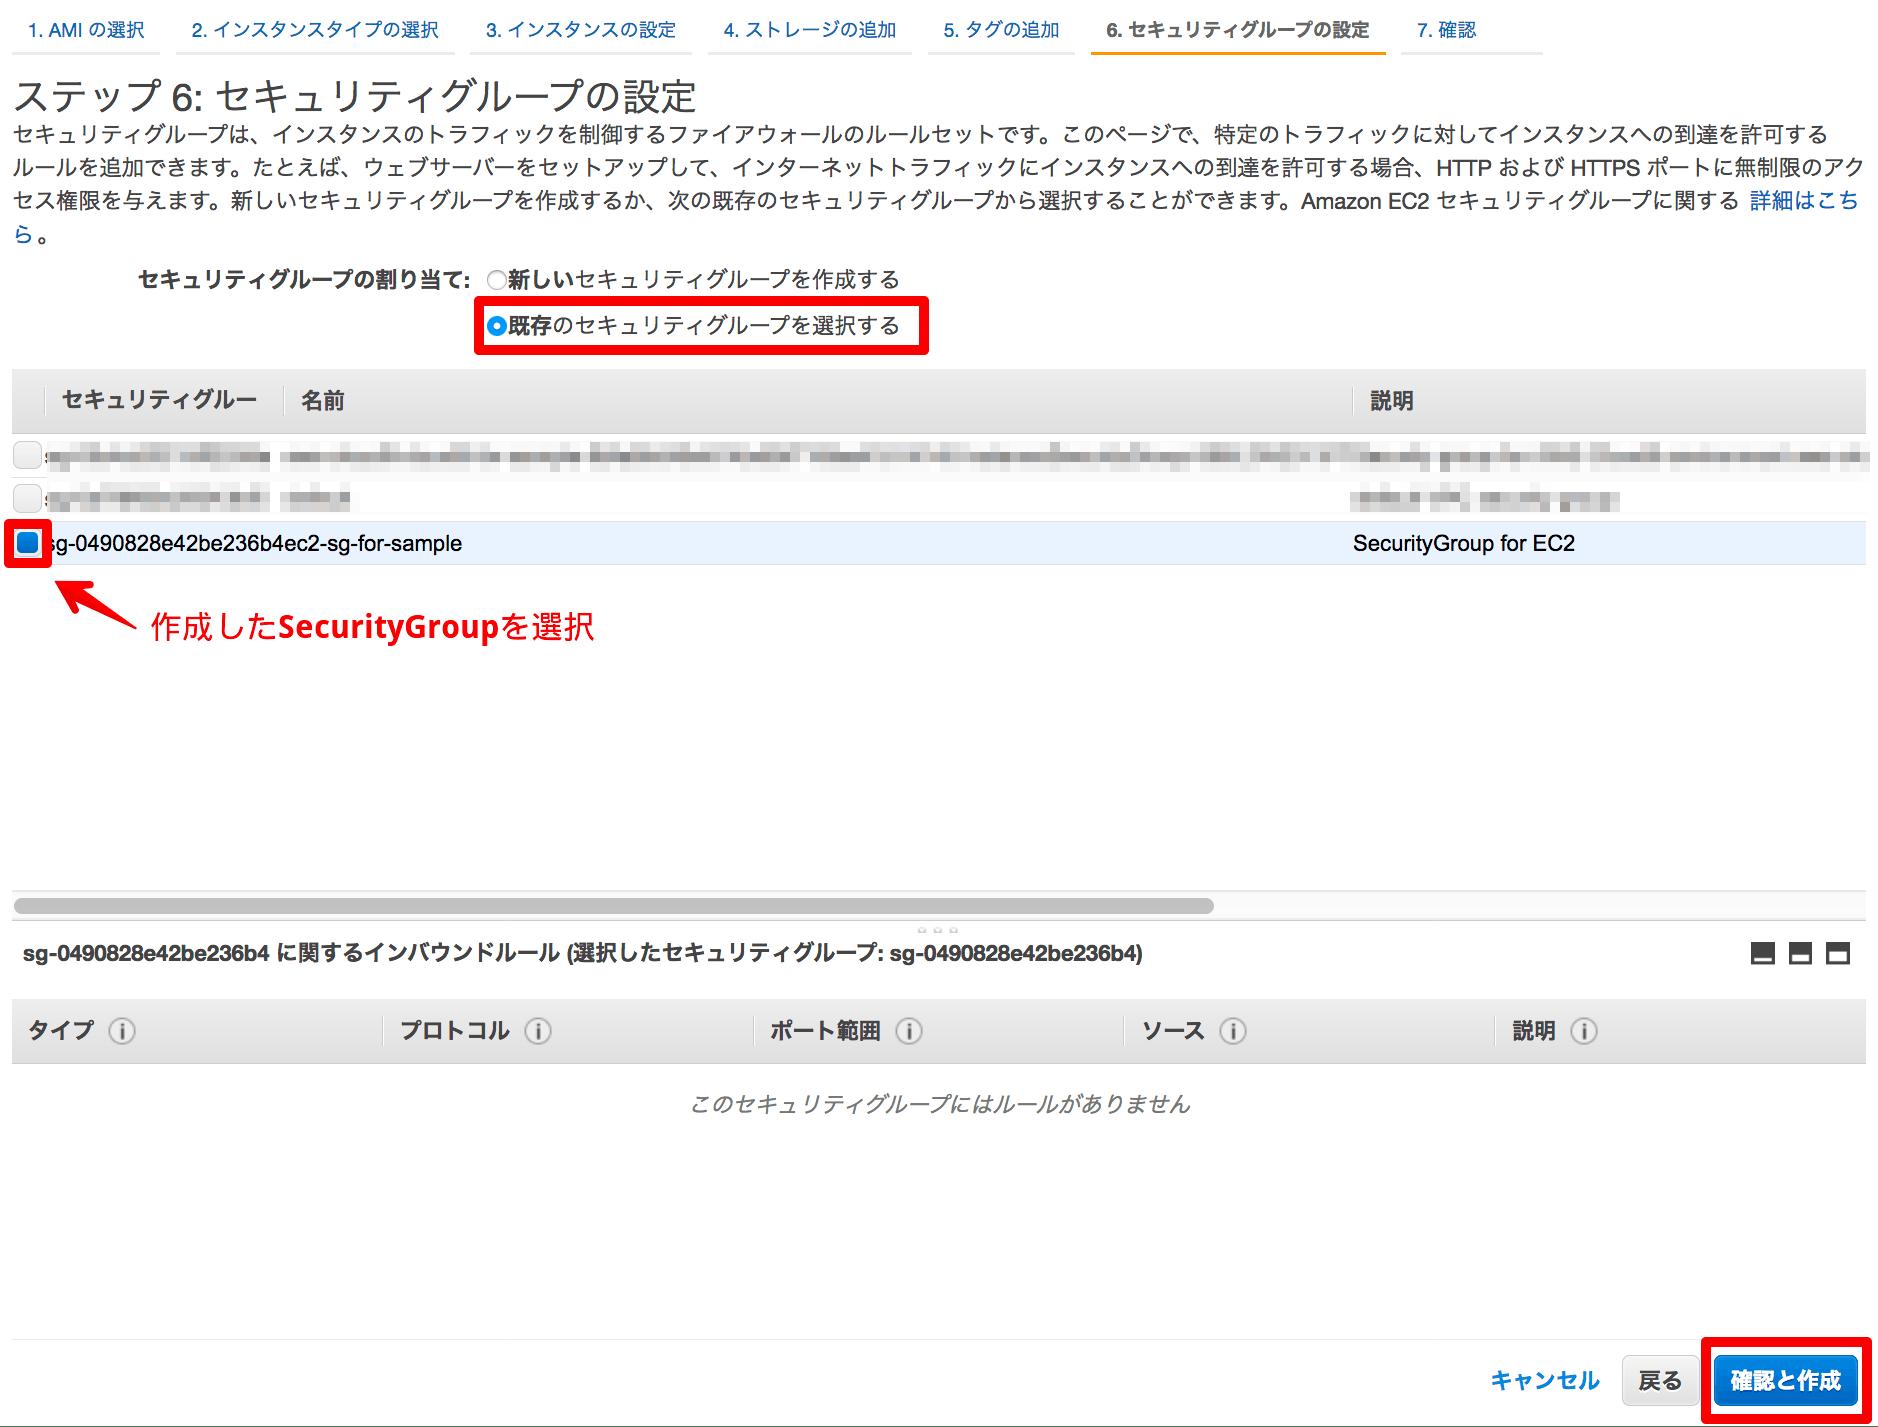 EC2 Management Console_2018-12-12_09-45-09.png